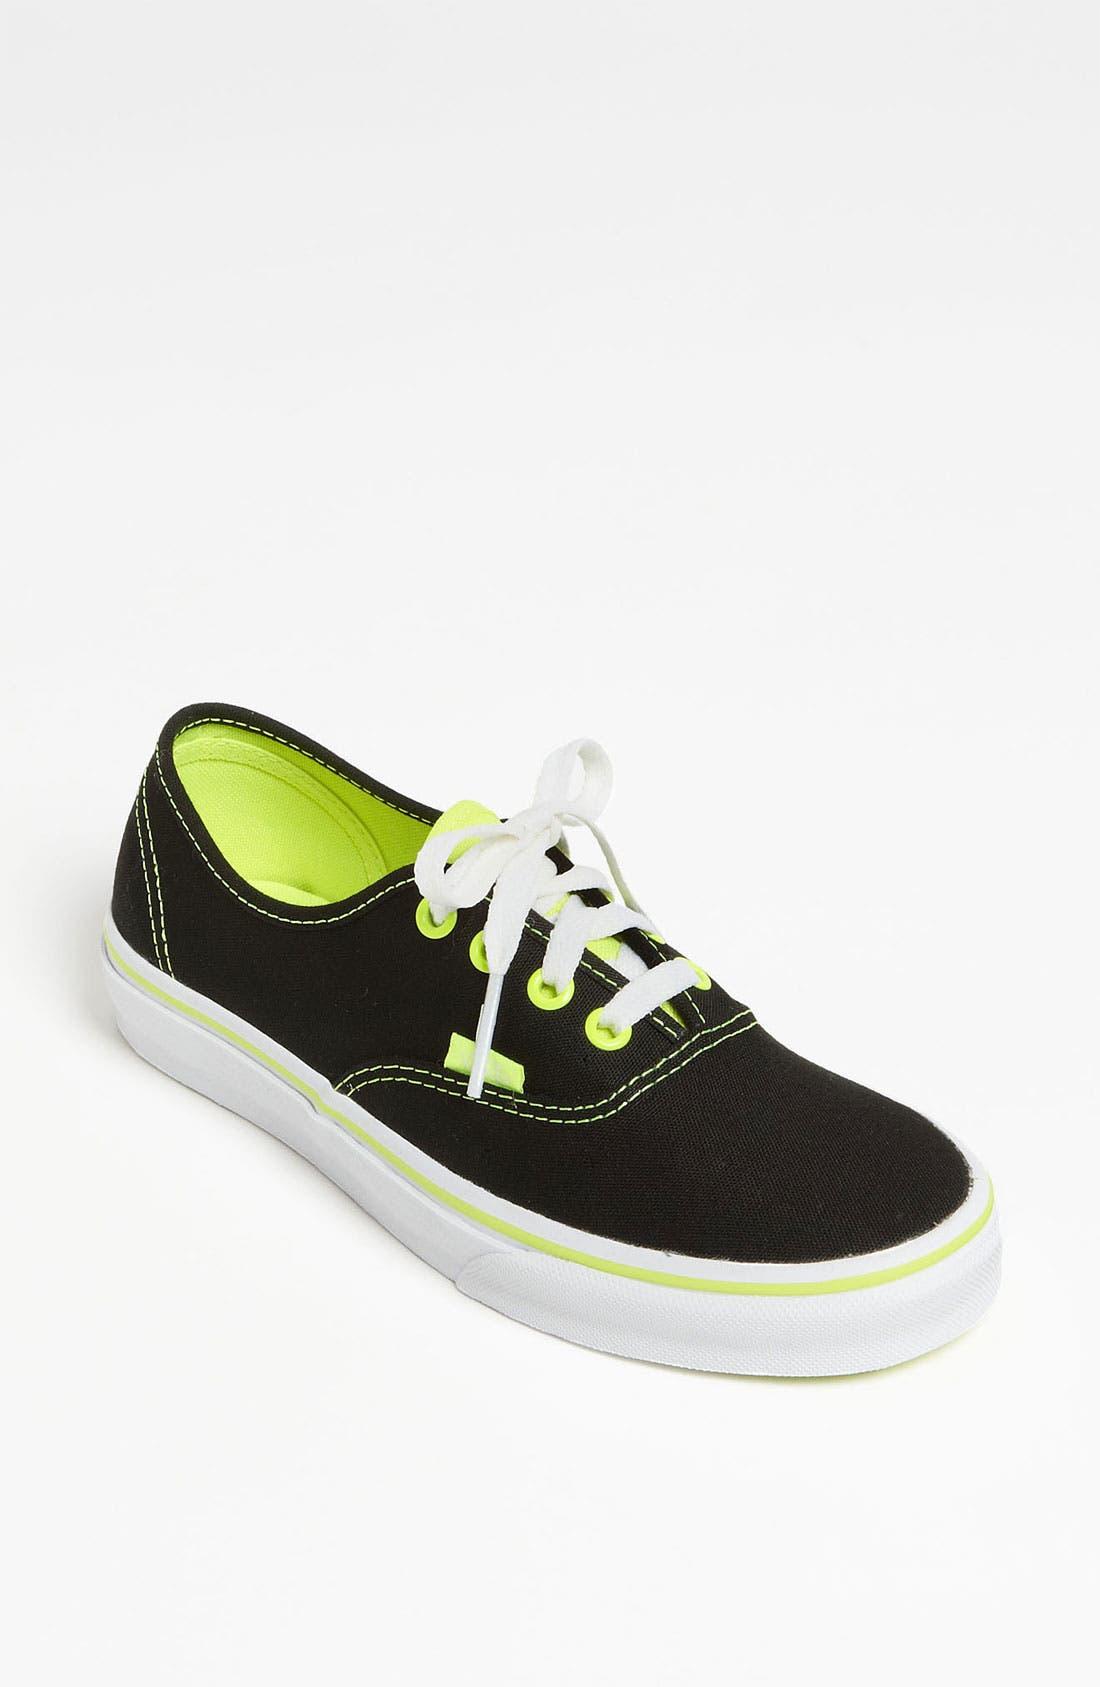 Alternate Image 1 Selected - Vans 'Authentic - Neon Pop' Sneaker (Women)